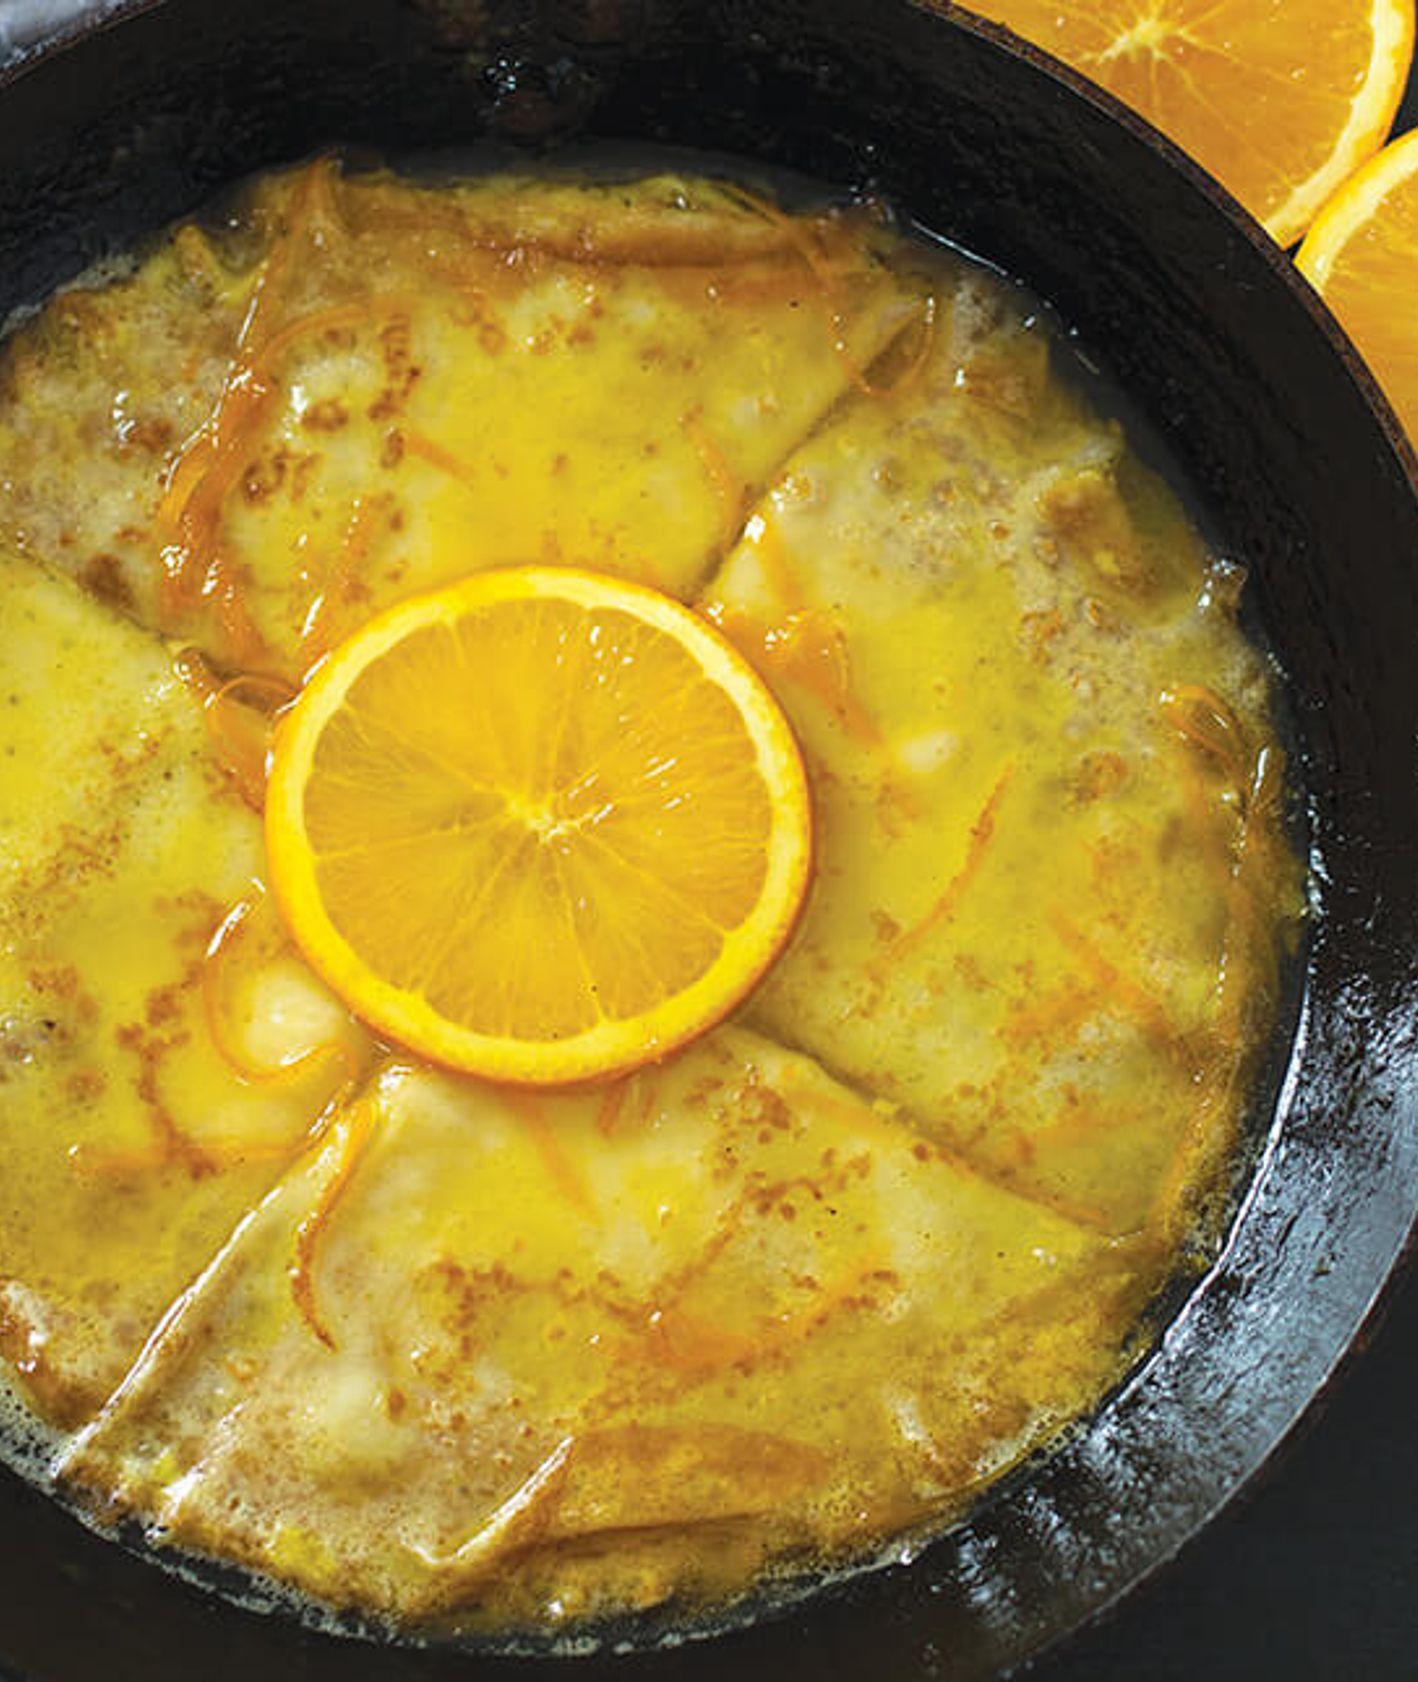 francuskie naleśniki z pomarańczami - crepes suzette, w wersji bezalkoholowe, słodkie naleśniki dla dzieci